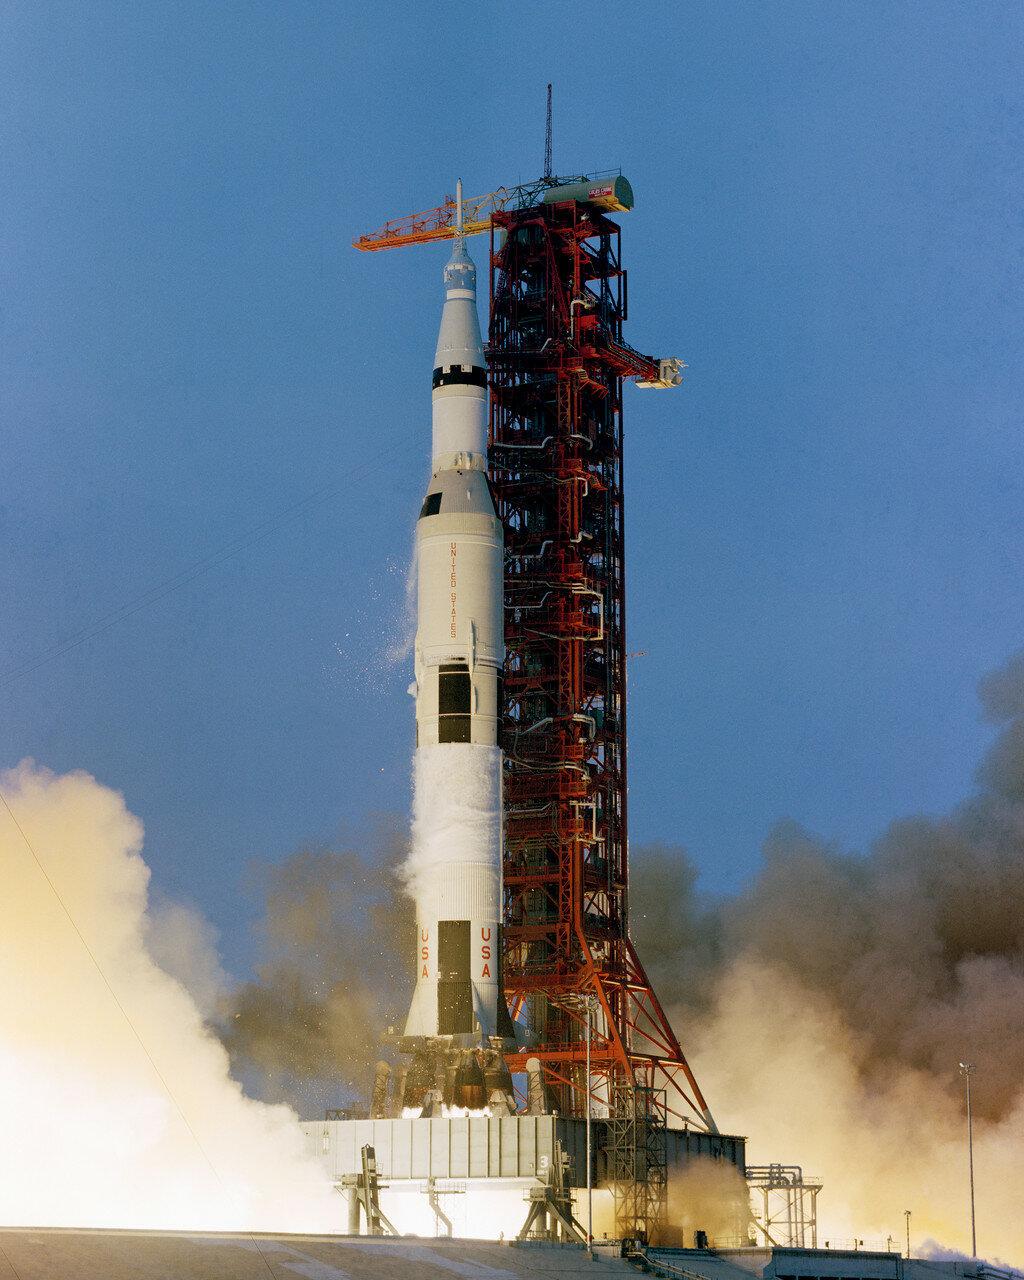 Целью полёта «Аполлона-13» являлась высадка людей на лунной поверхности и проведение научных исследований, однако эта экспедиция стала одной из наиболее драматических и героических страниц в истории мировой космонавтики.